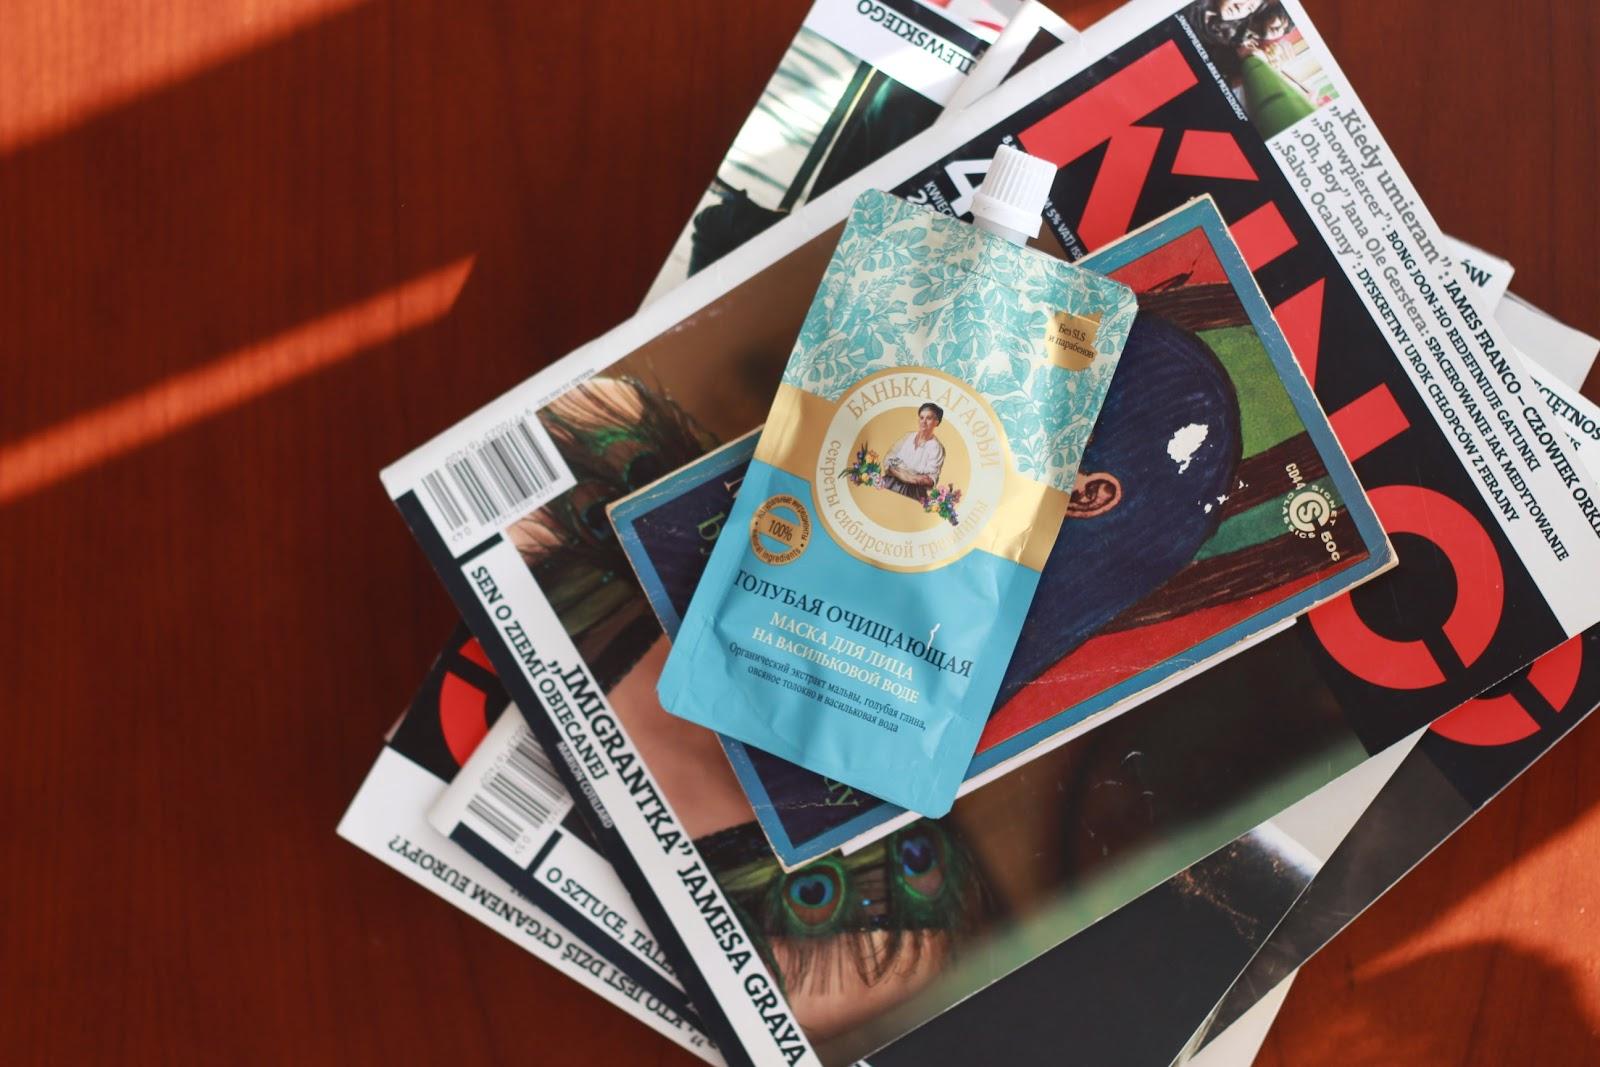 Bania Agafii oczyszczająca maseczka do twarzy z niebieską glinką